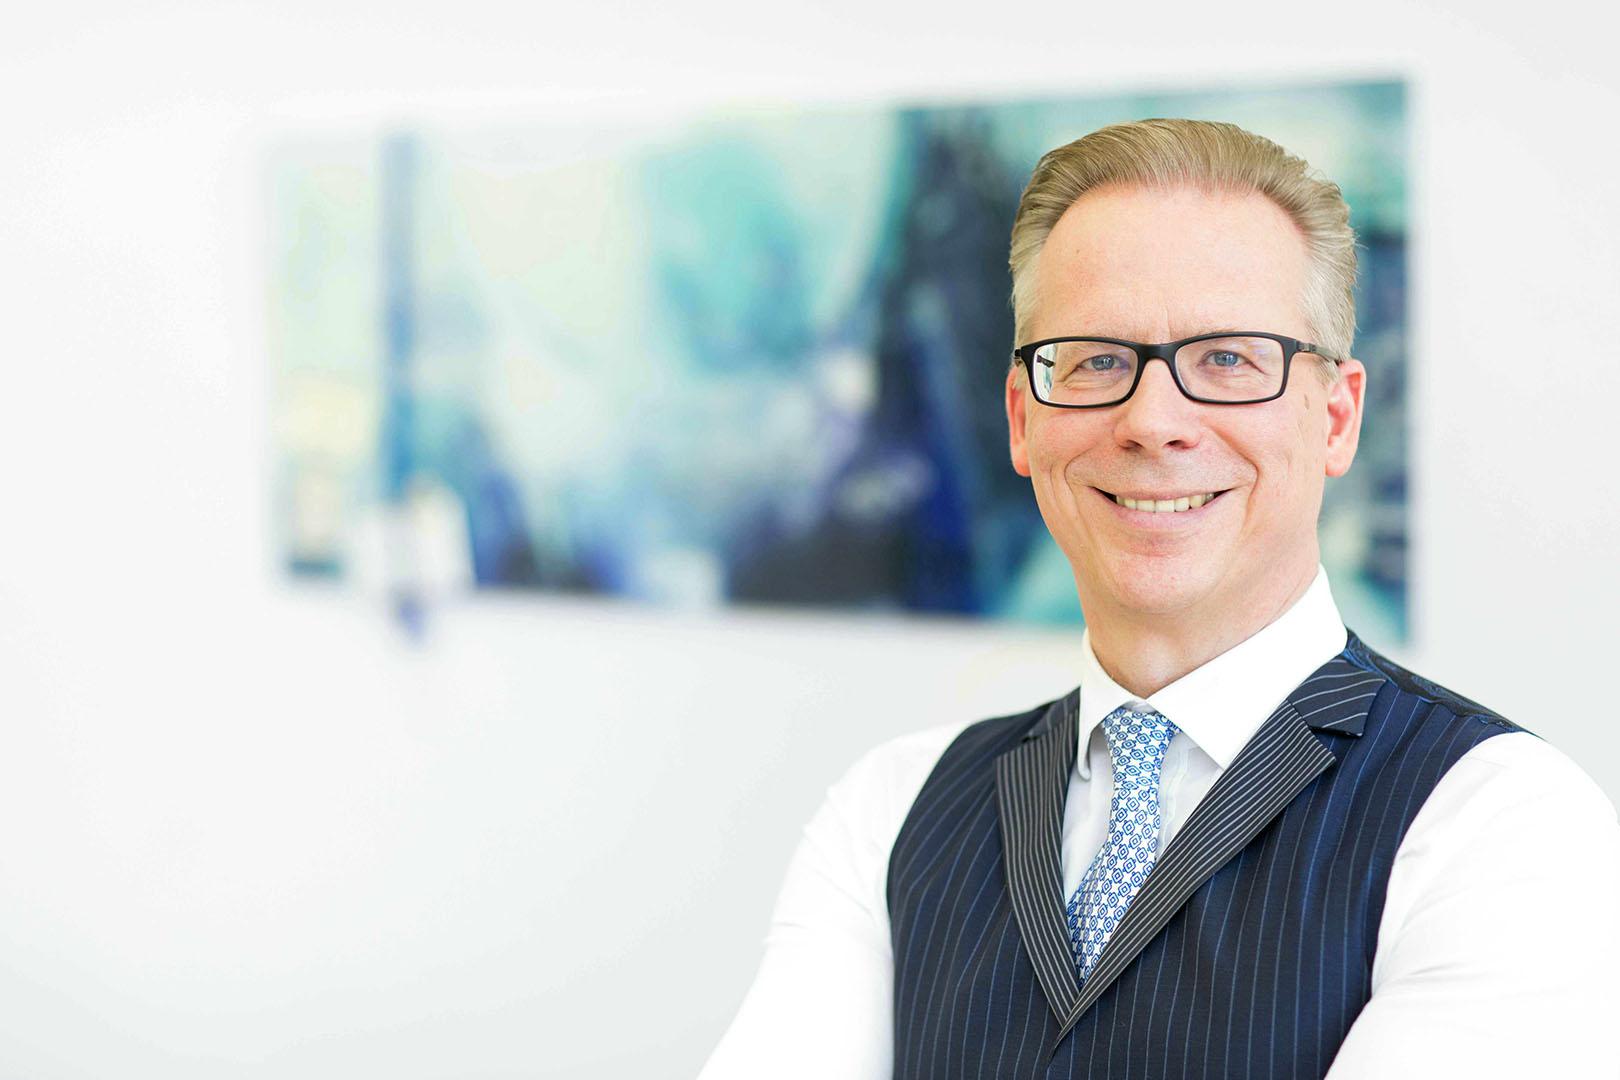 Hans-Jürgen Bohnsack, Steuerberater, Diplom-Ökonom, zertifizierter Berater für Gemeinnützigkeit (IFU / ISM gGmbH)